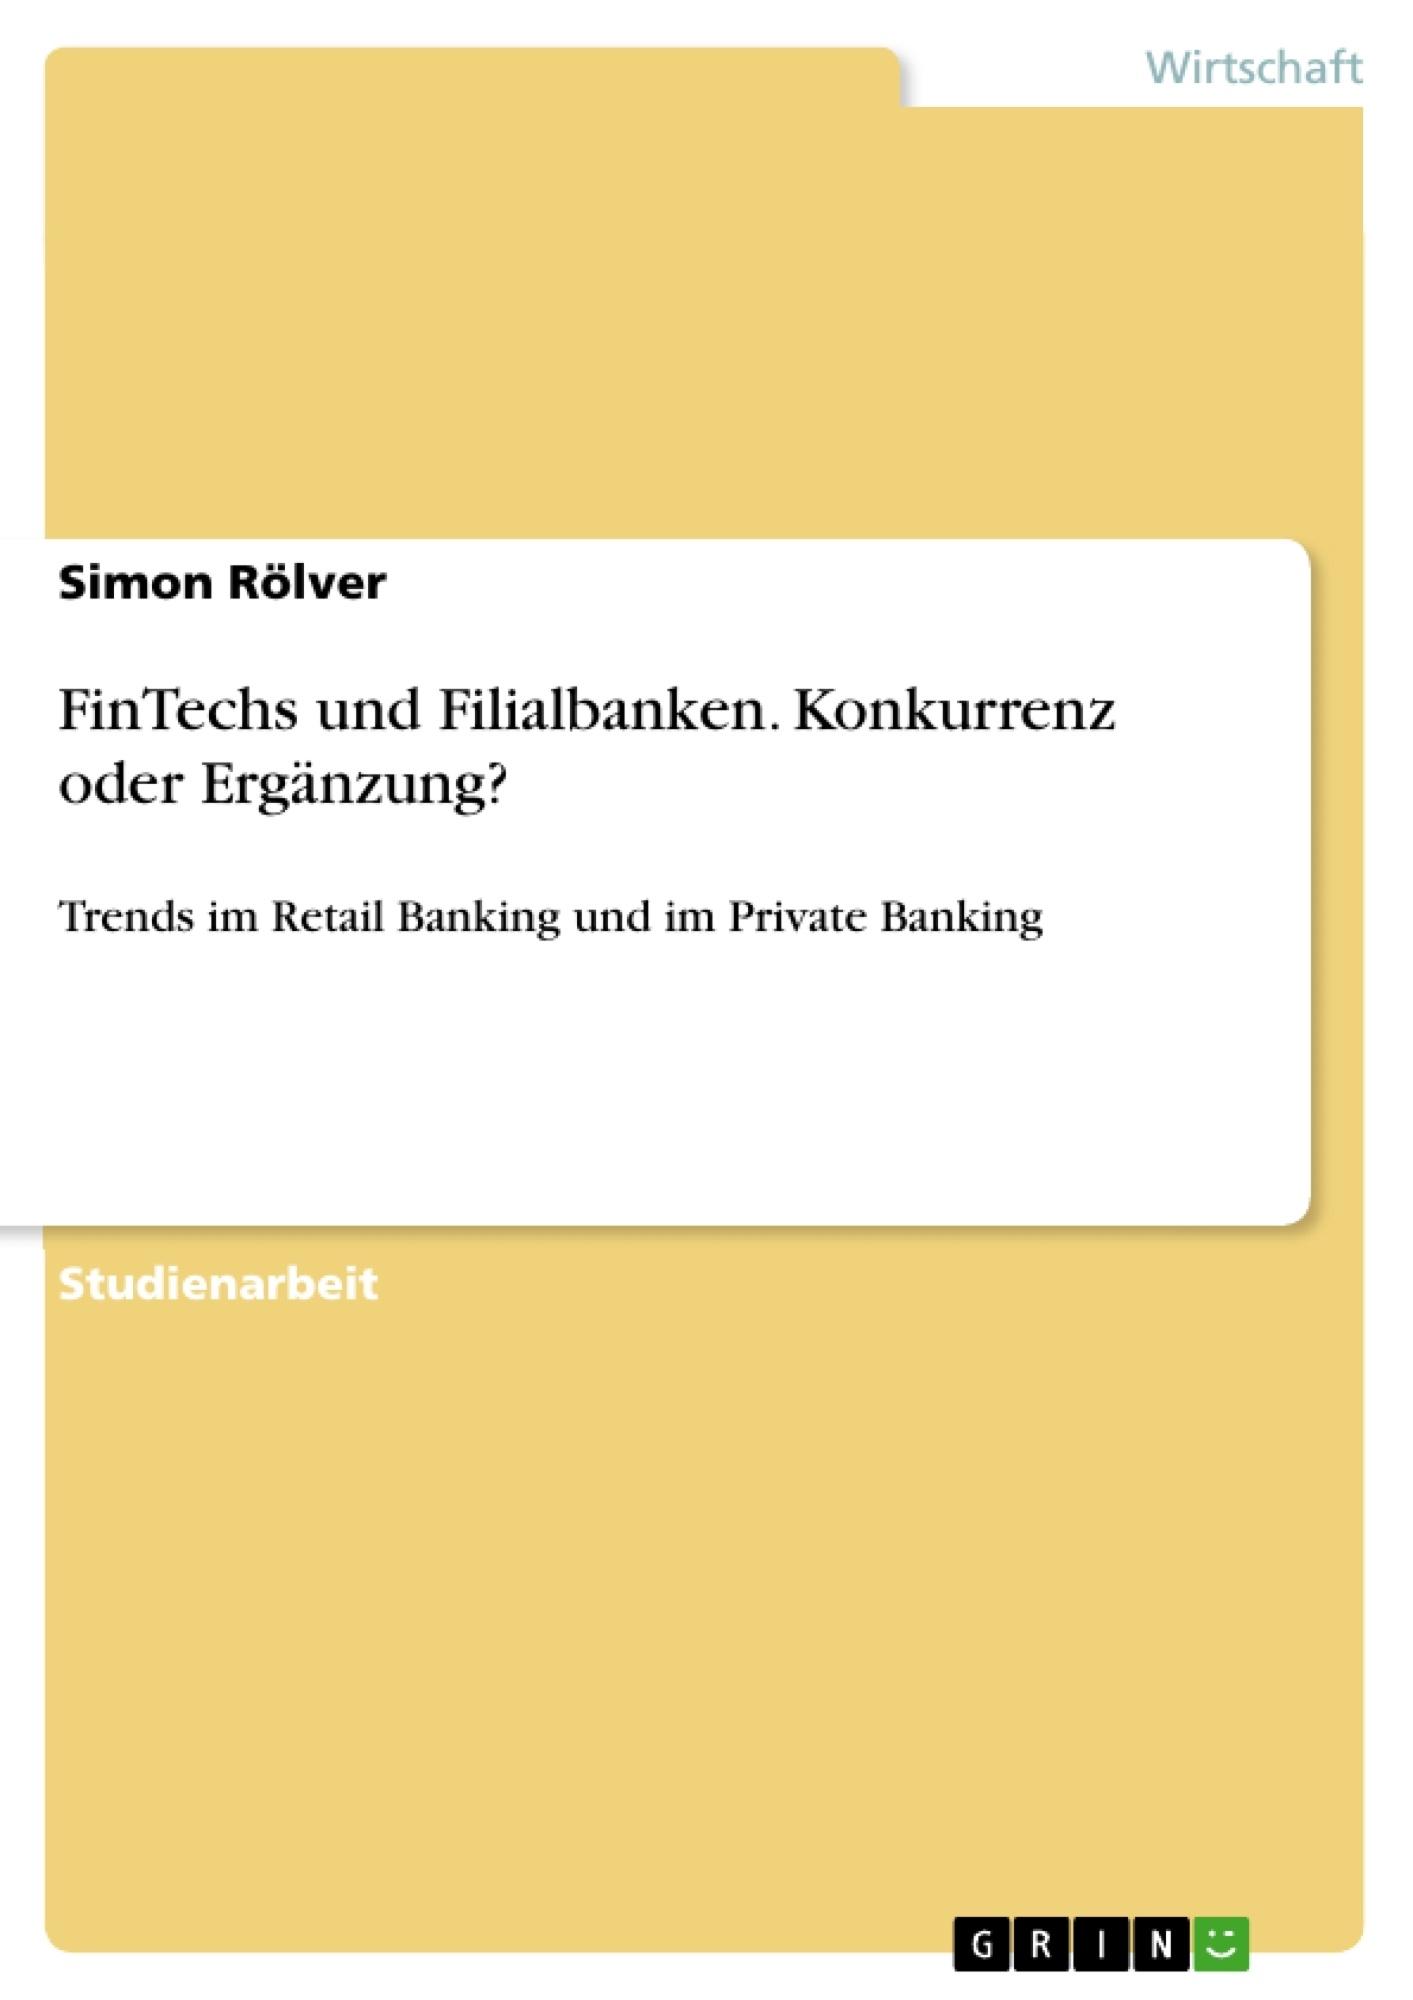 Titel: FinTechs und Filialbanken. Konkurrenz oder Ergänzung?